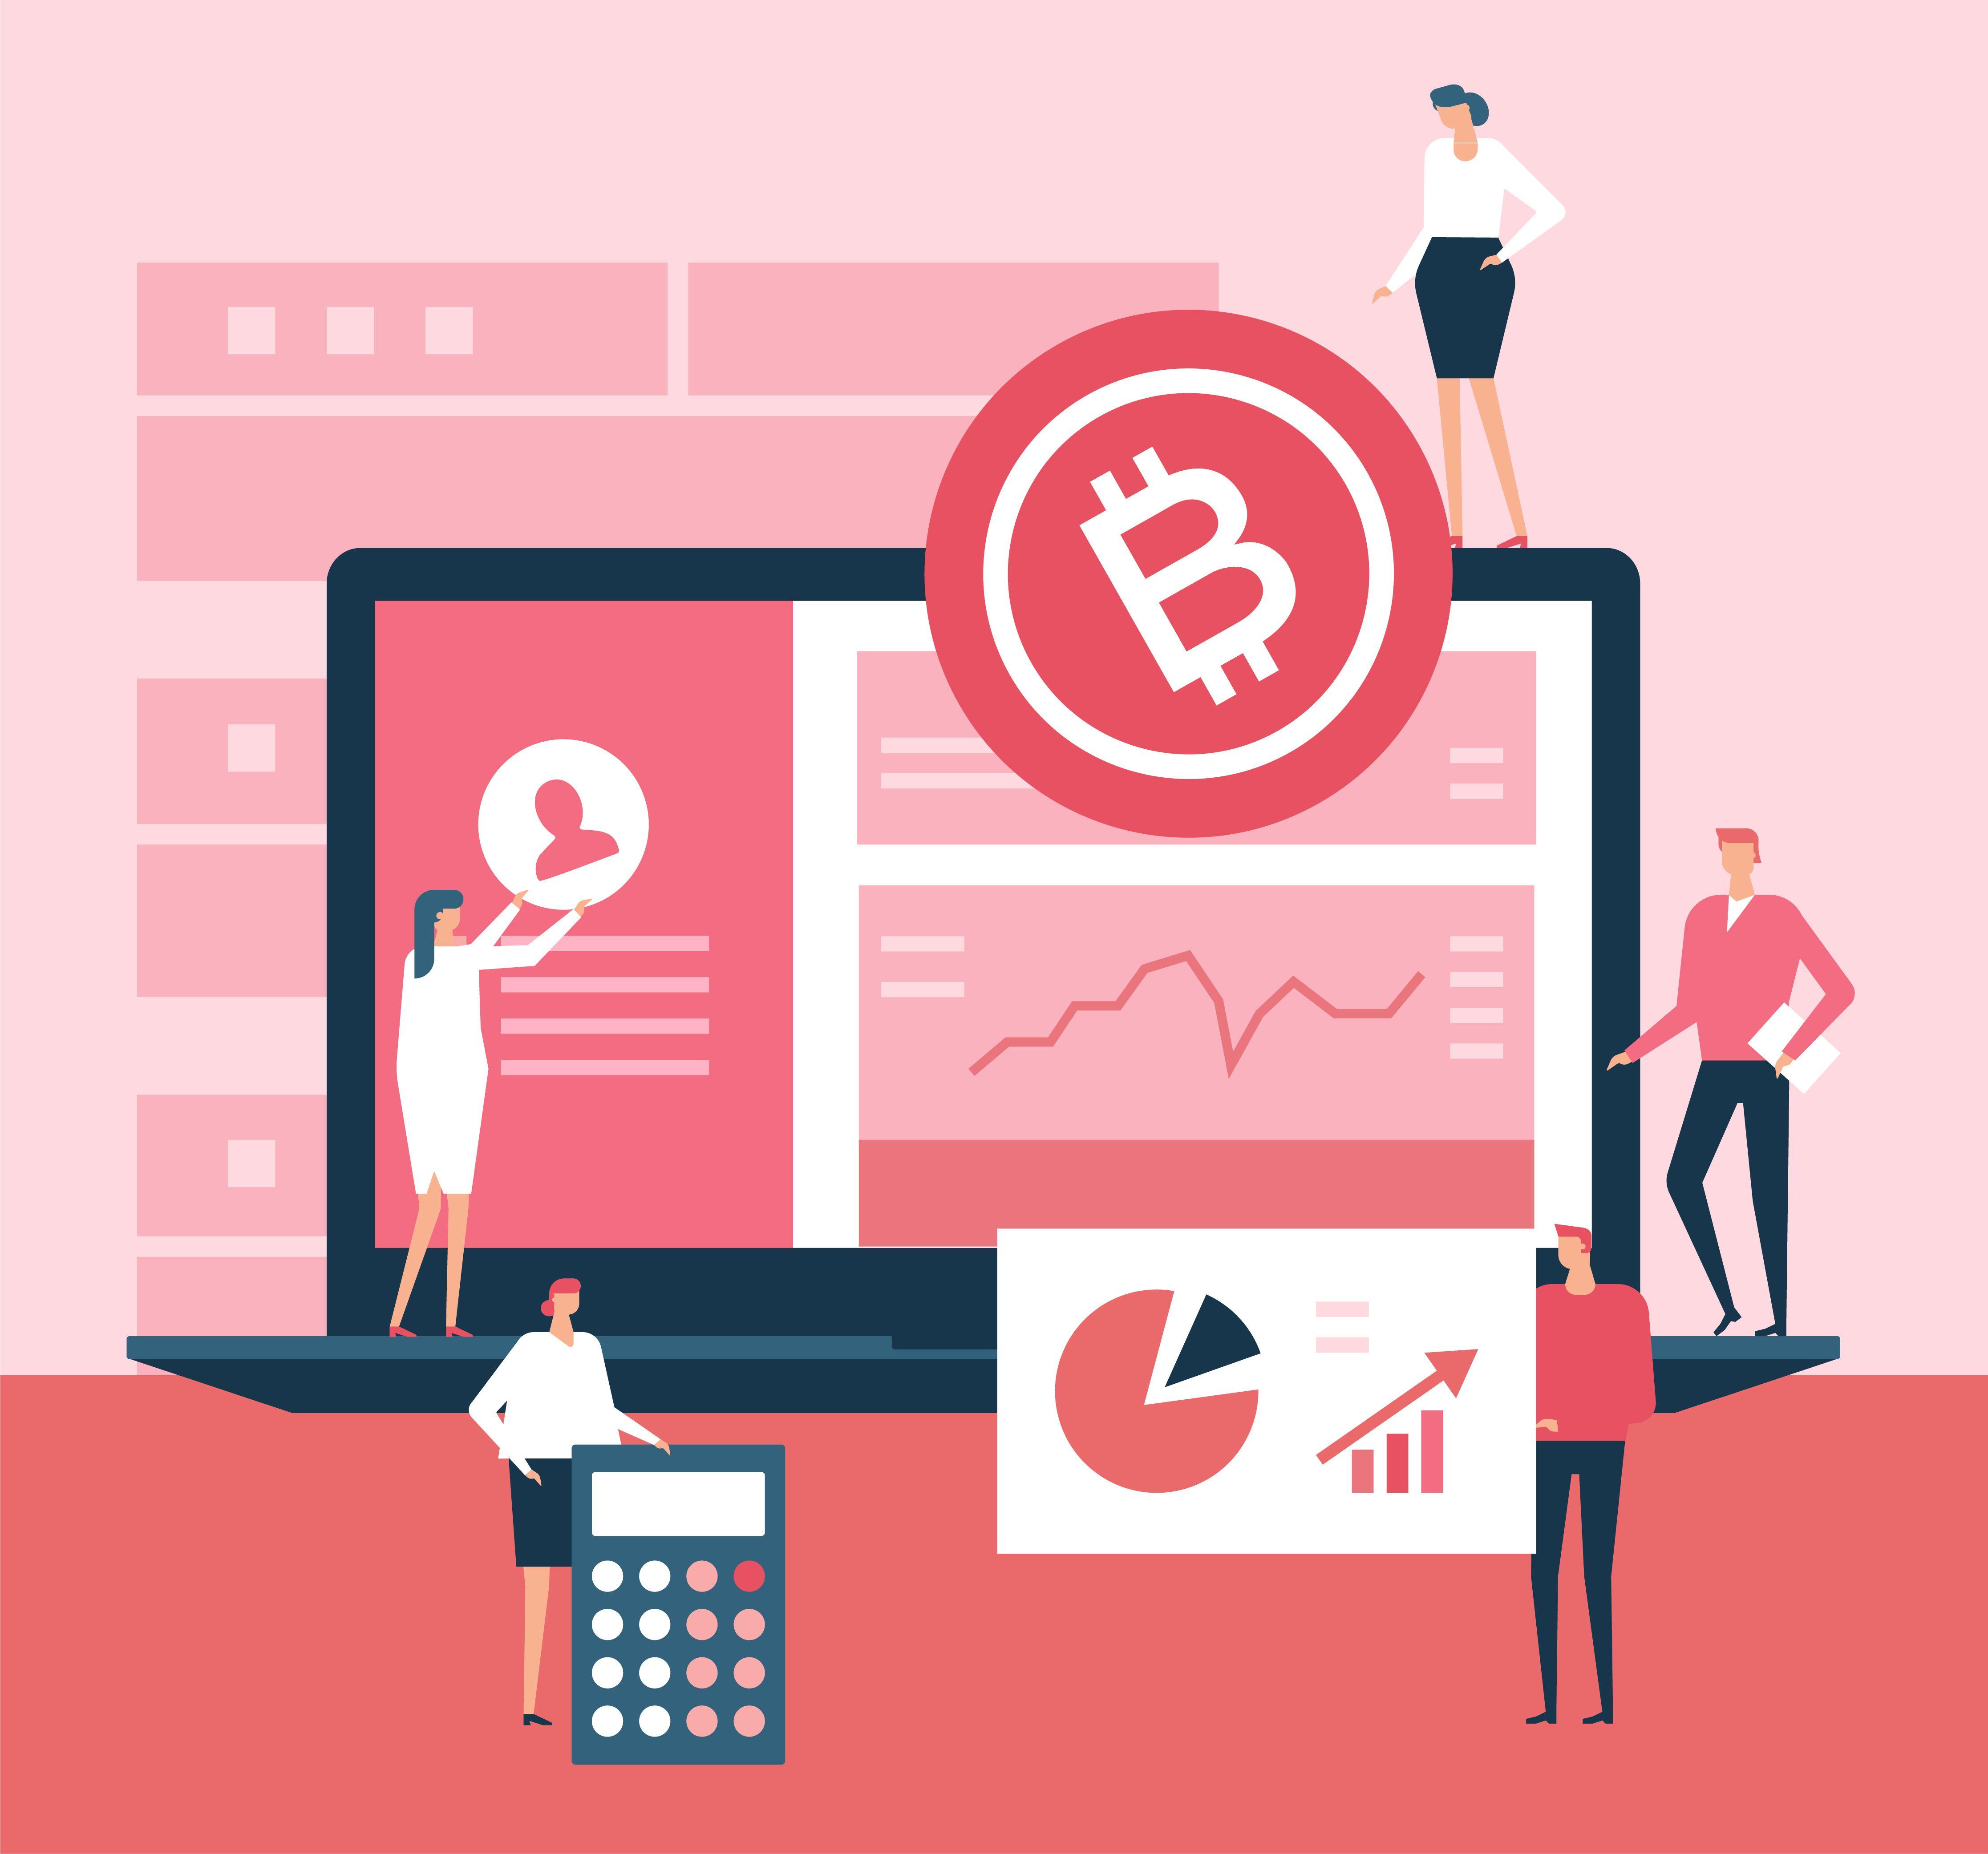 bitcoin rate chart, bitcoin rate prediction, bitcoin gold